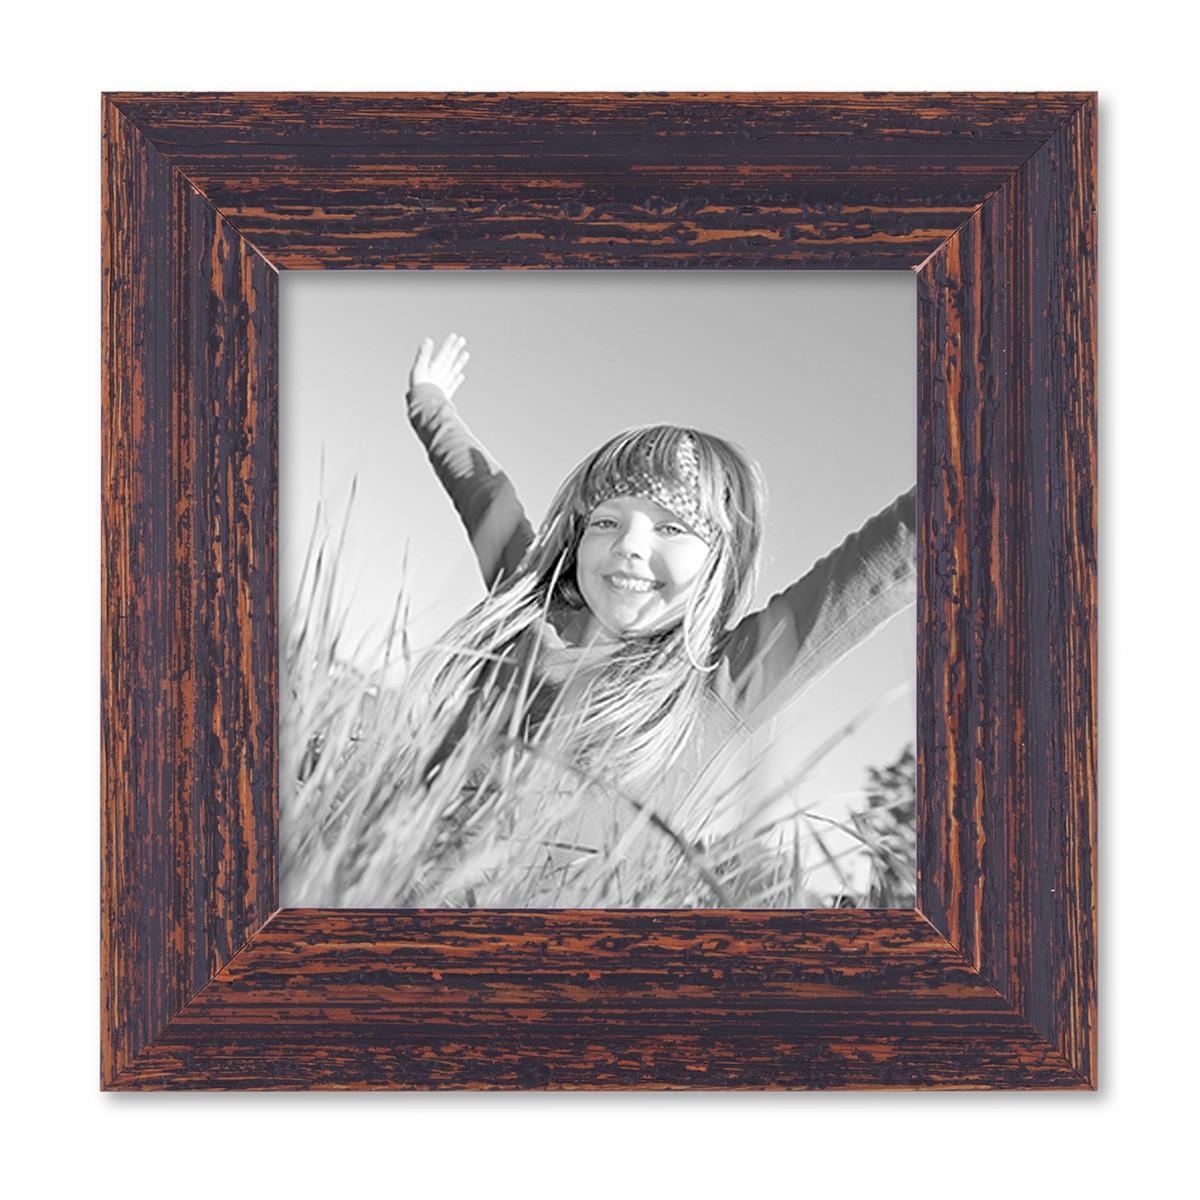 vintage bilderrahmen 15x15 cm holz dunkelbraun shabby chic massivholz mit glasscheibe und. Black Bedroom Furniture Sets. Home Design Ideas